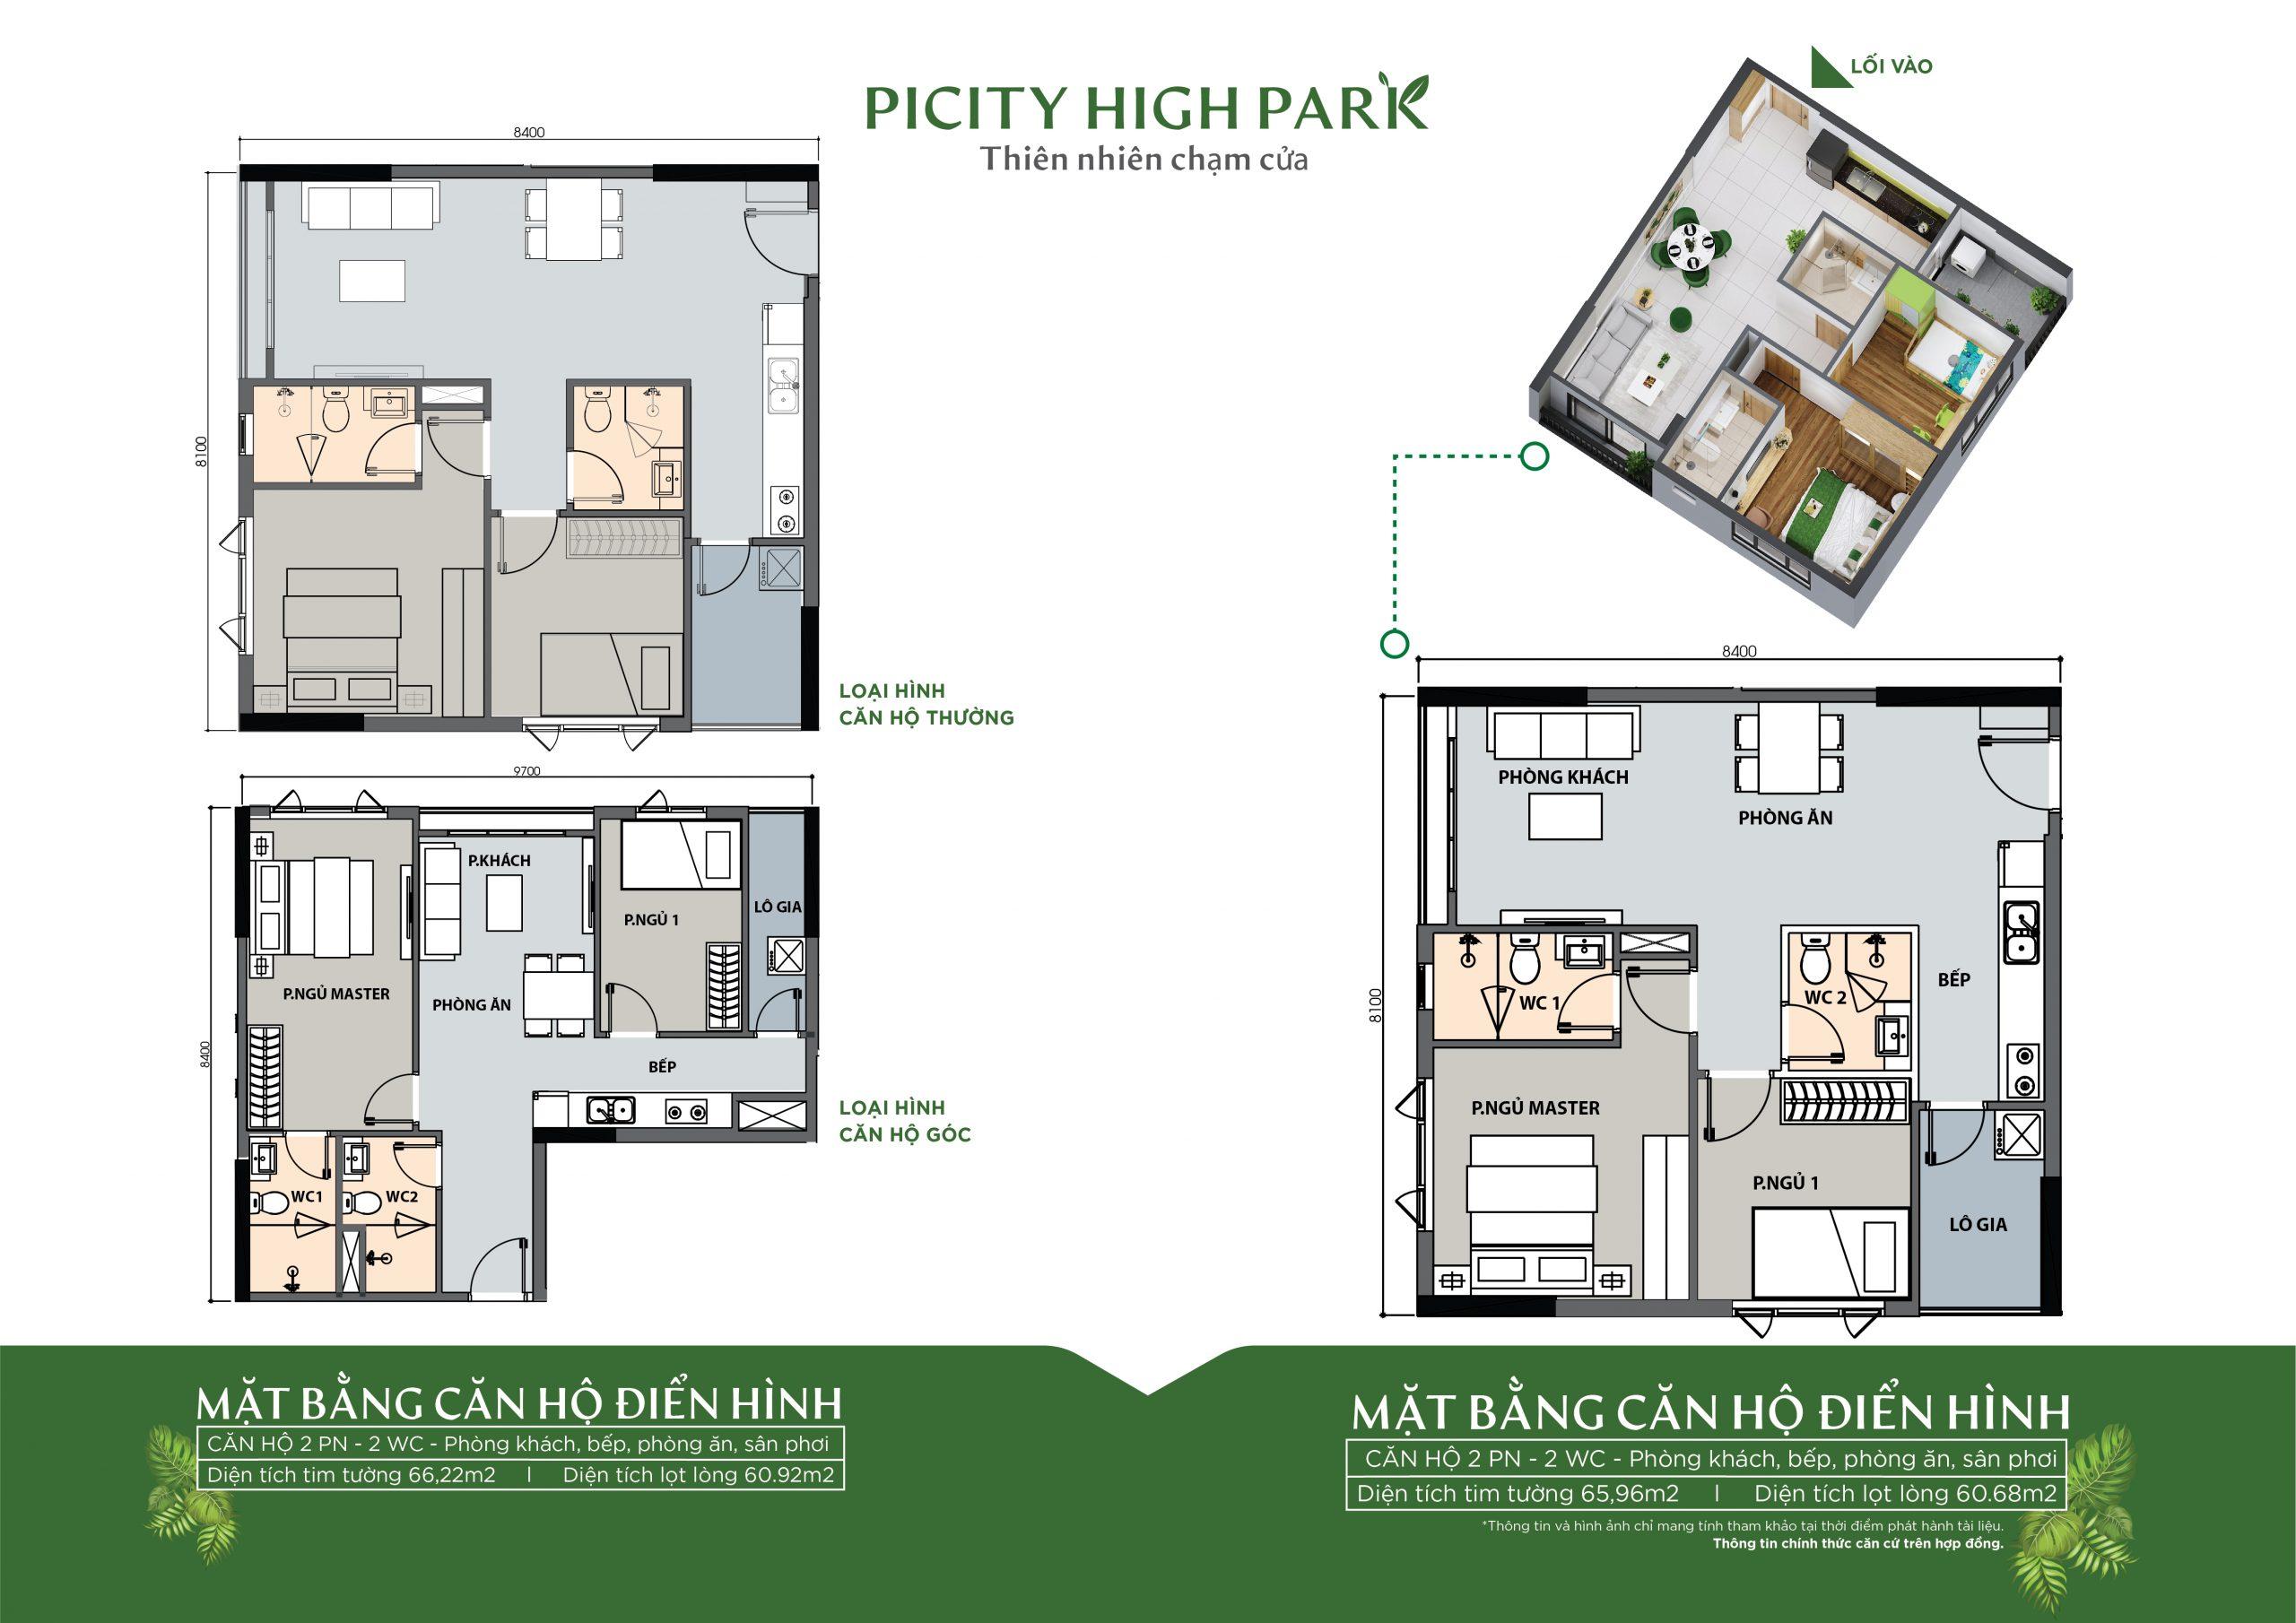 Thiết kế căn hộ block 4 dự án Picity High Park